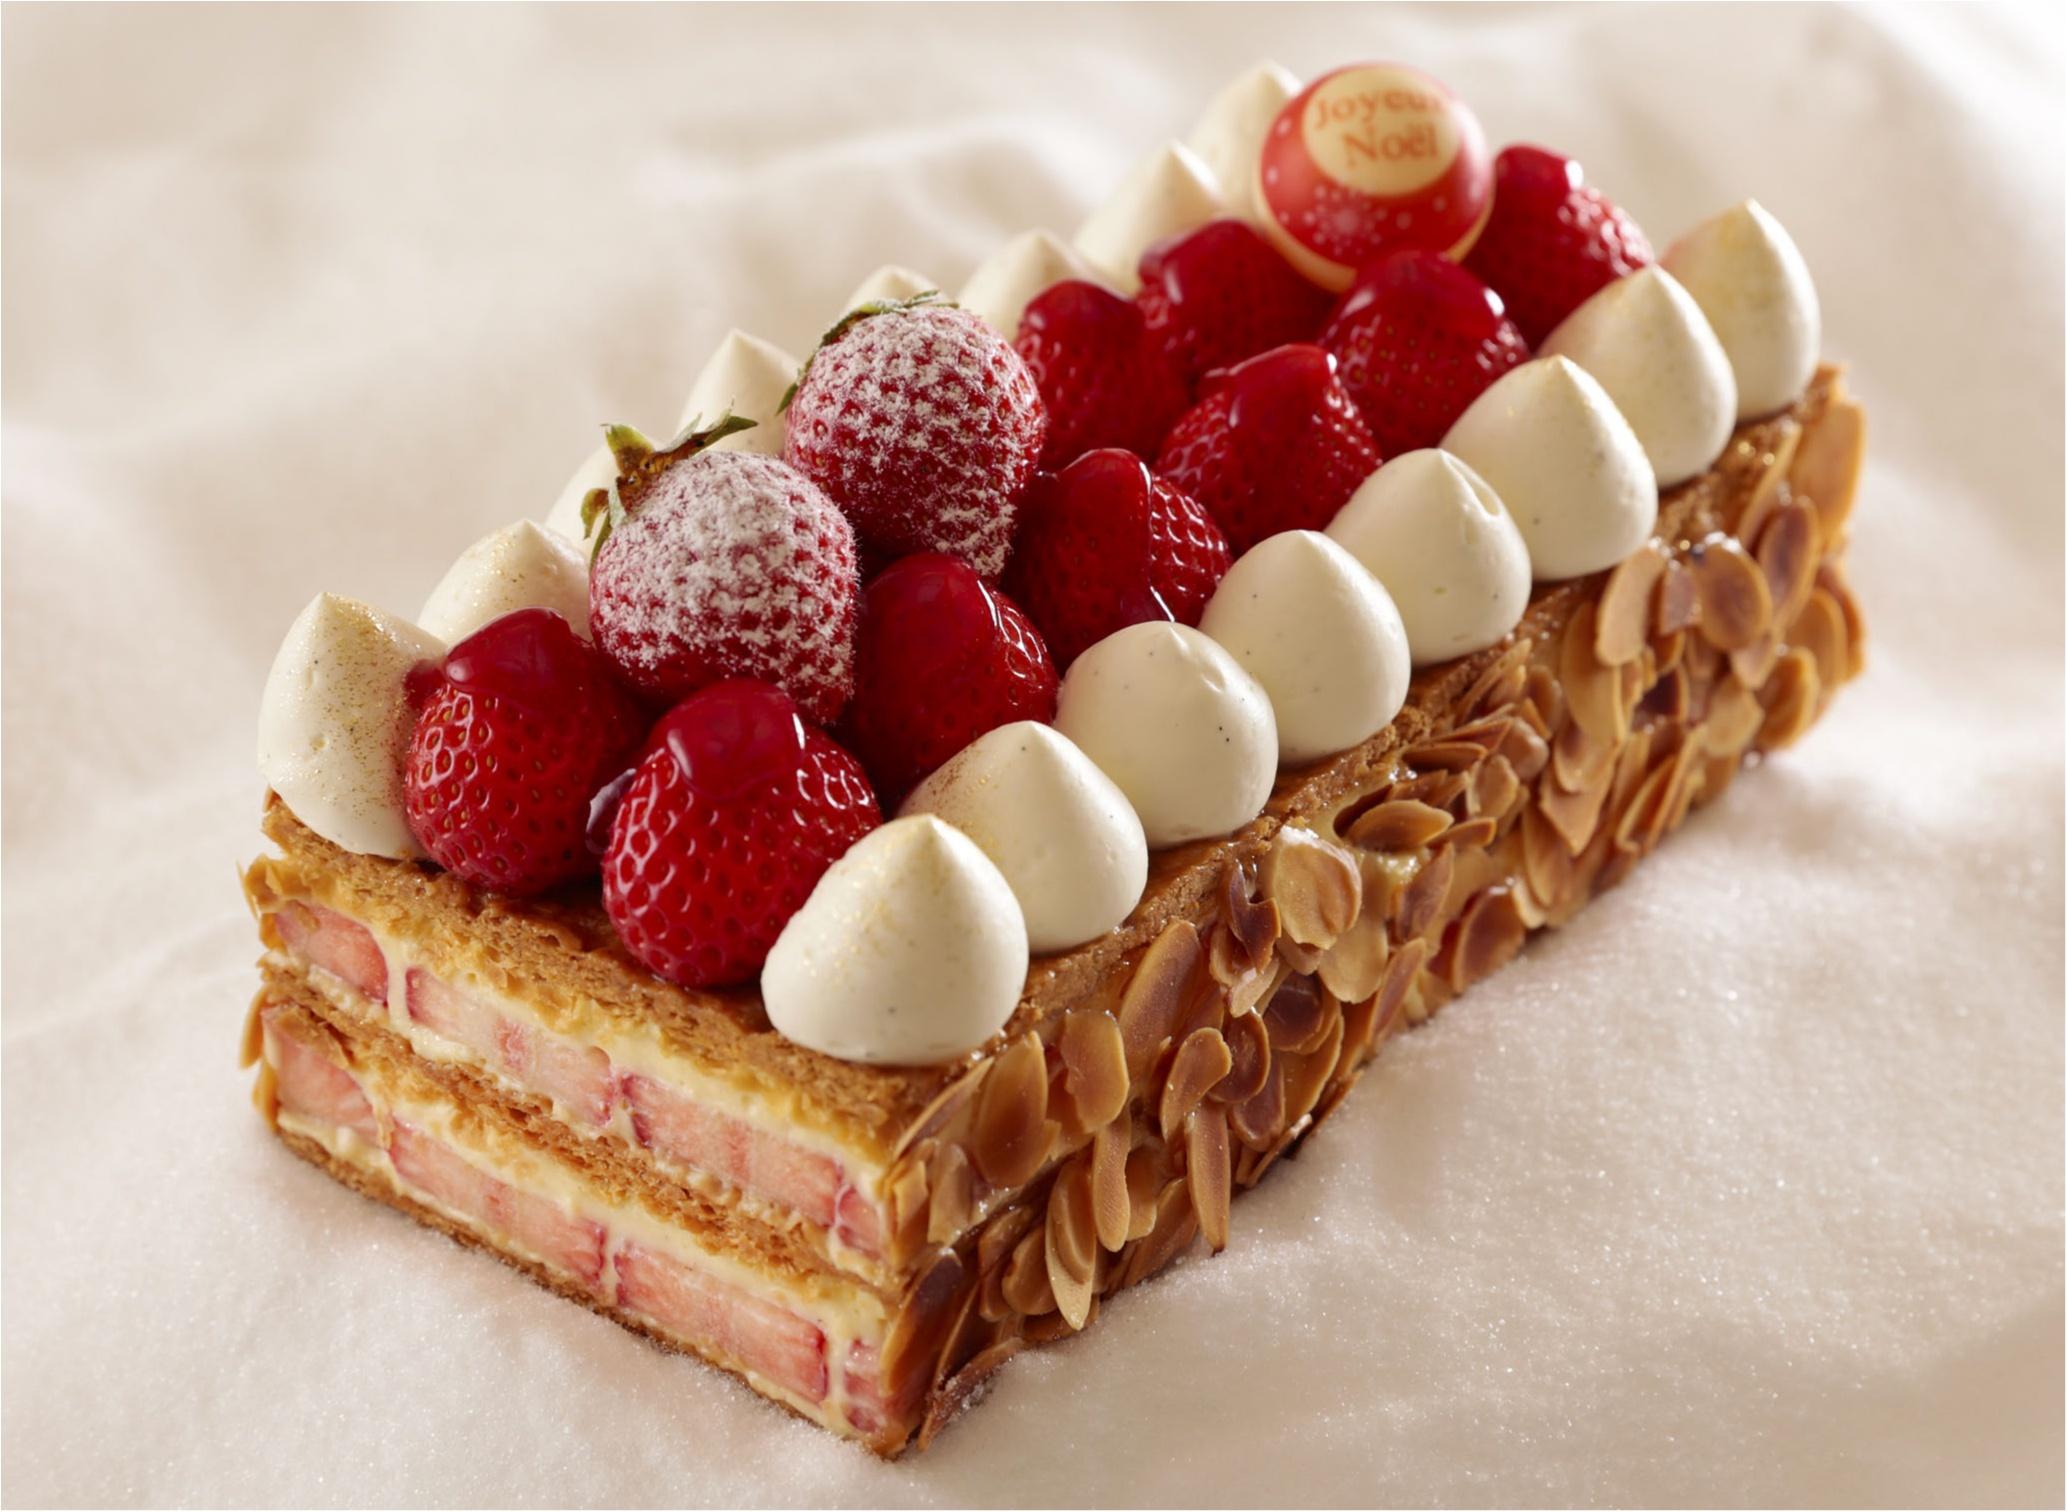 今年のクリスマスケーキは【ピスタチオ】に注目!? 『横浜ベイシェラトンホテル』のケーキで味わって♡_2